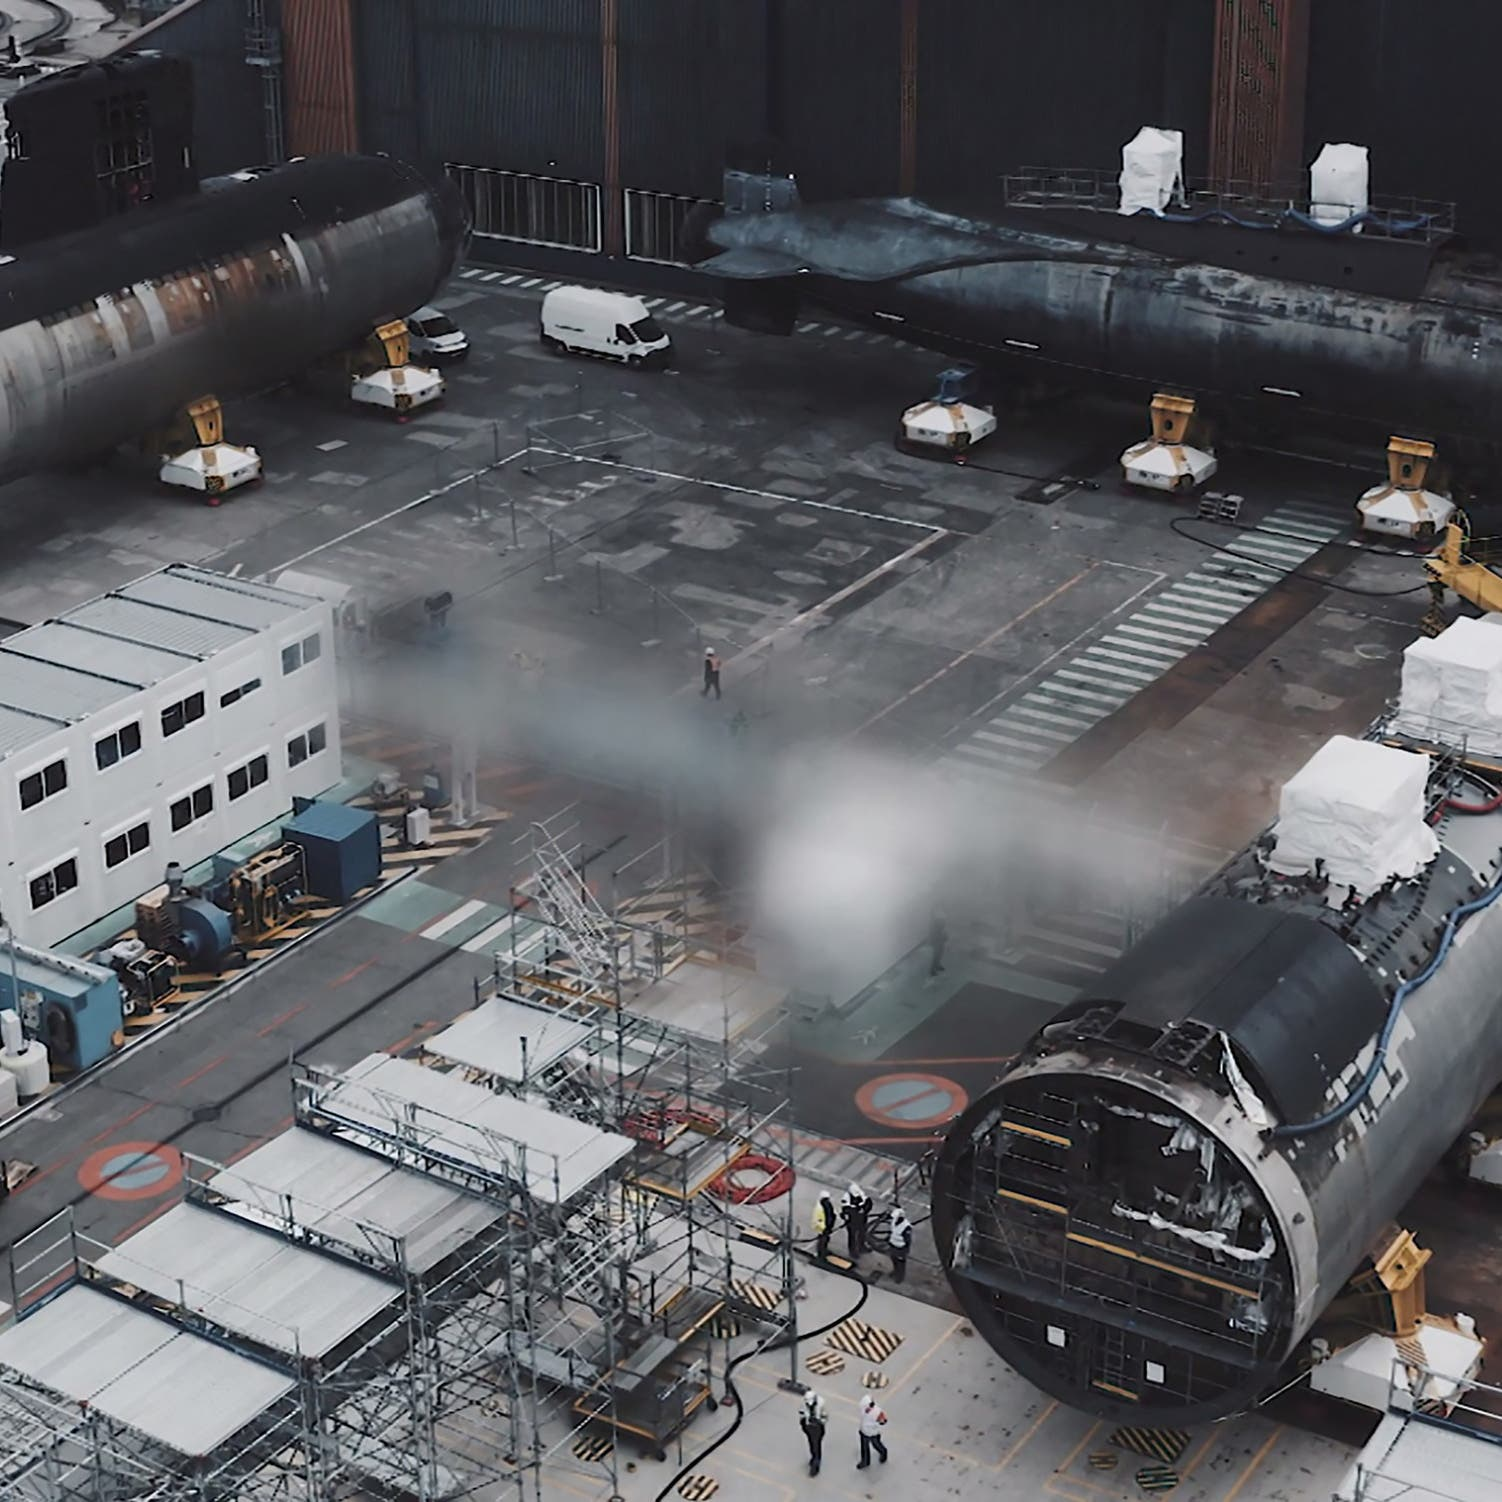 فرنسا: صفقة الغواصات بين أميركا واستراليا خطأ أخرق